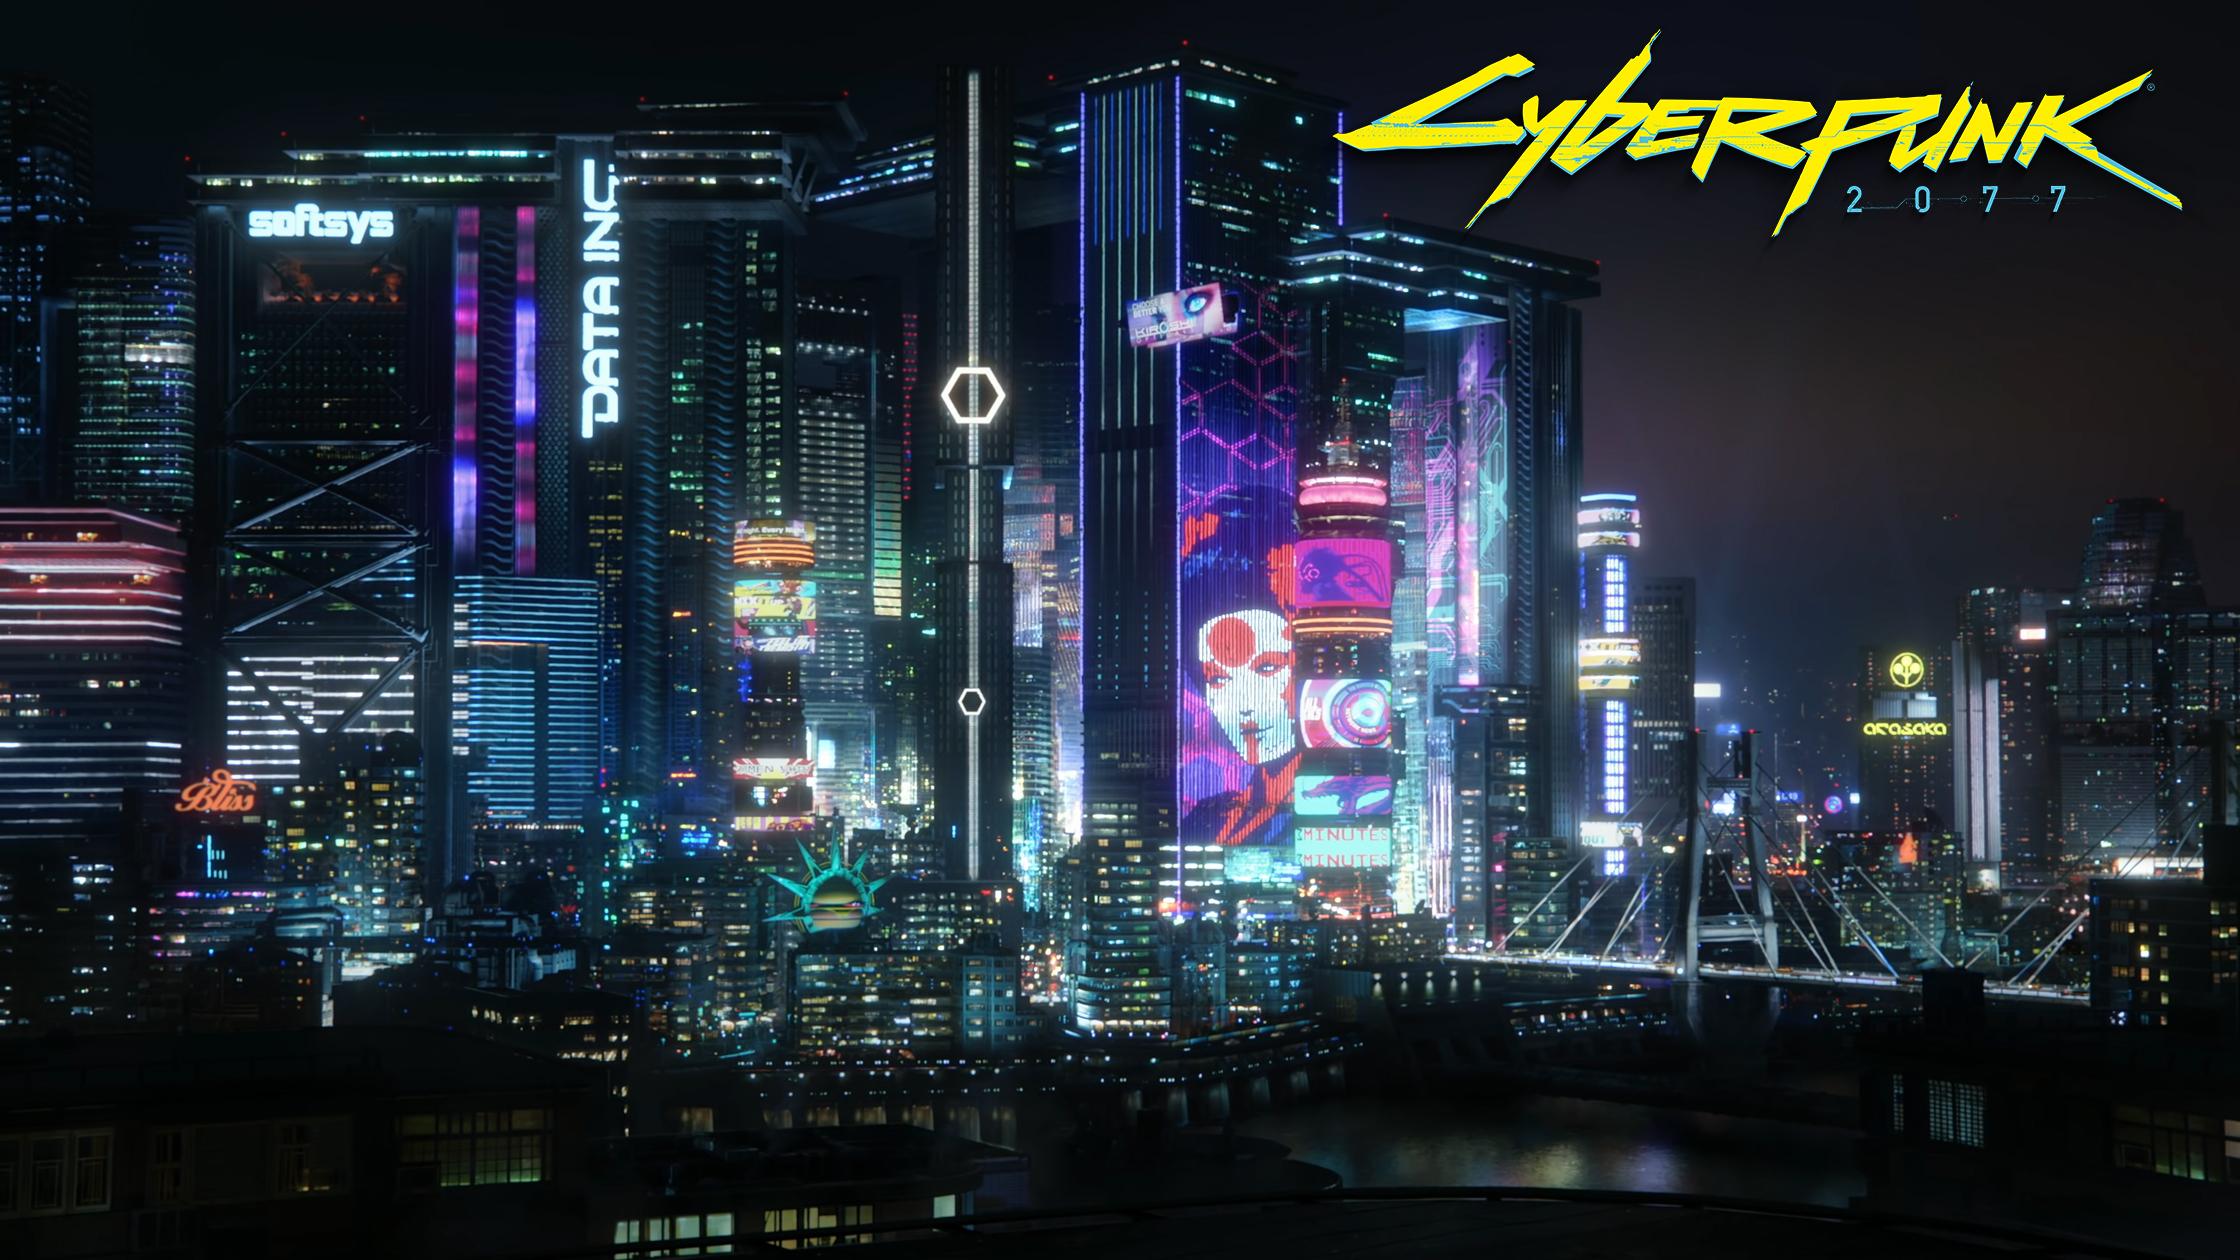 Architektura w Cyberpunk 2077 – wrażenia Jerzego